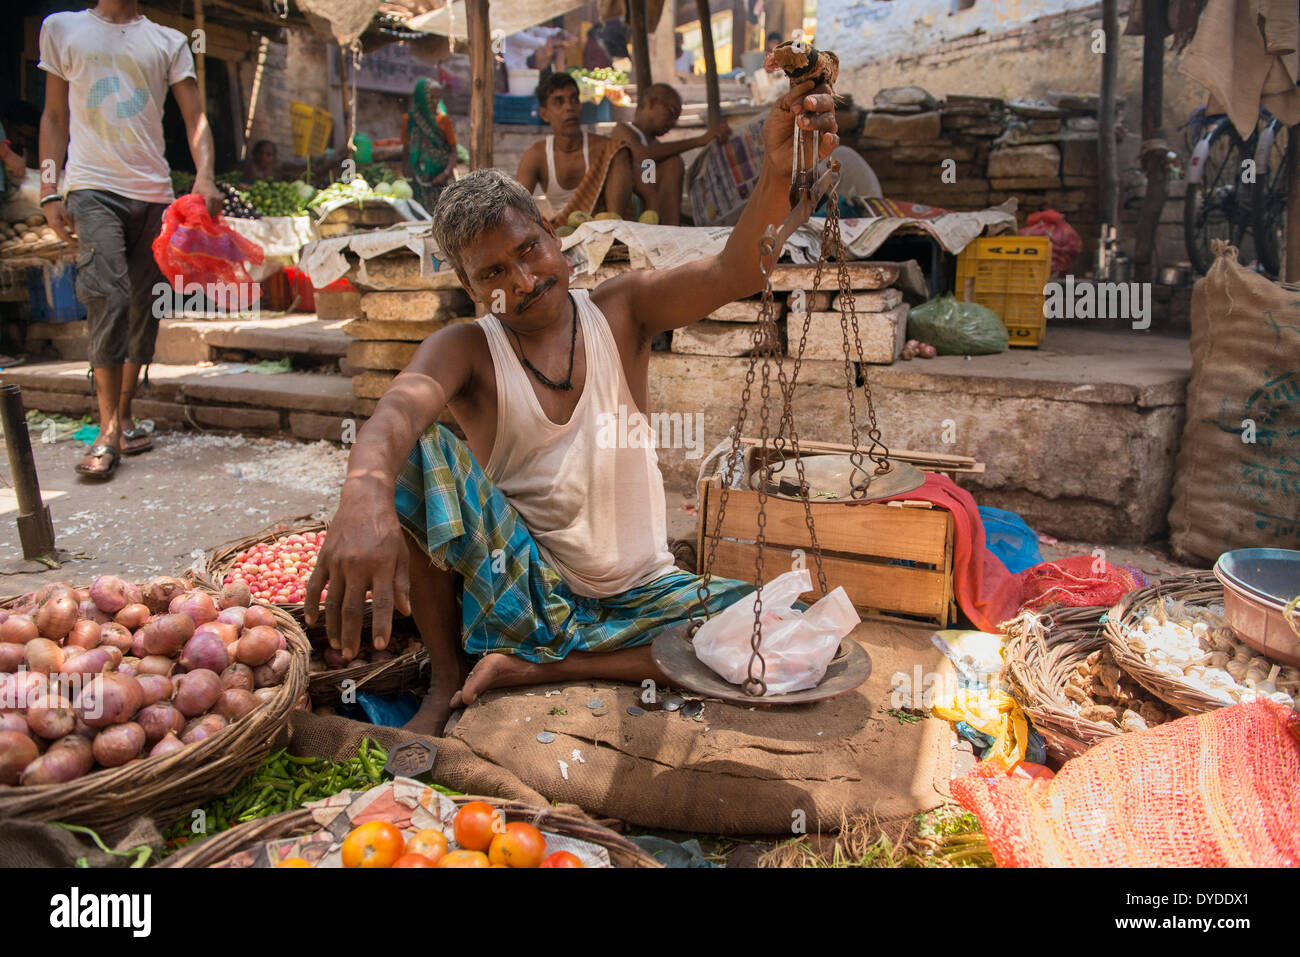 Marché de l'ancien commerçant de Varanasi. Photo Stock